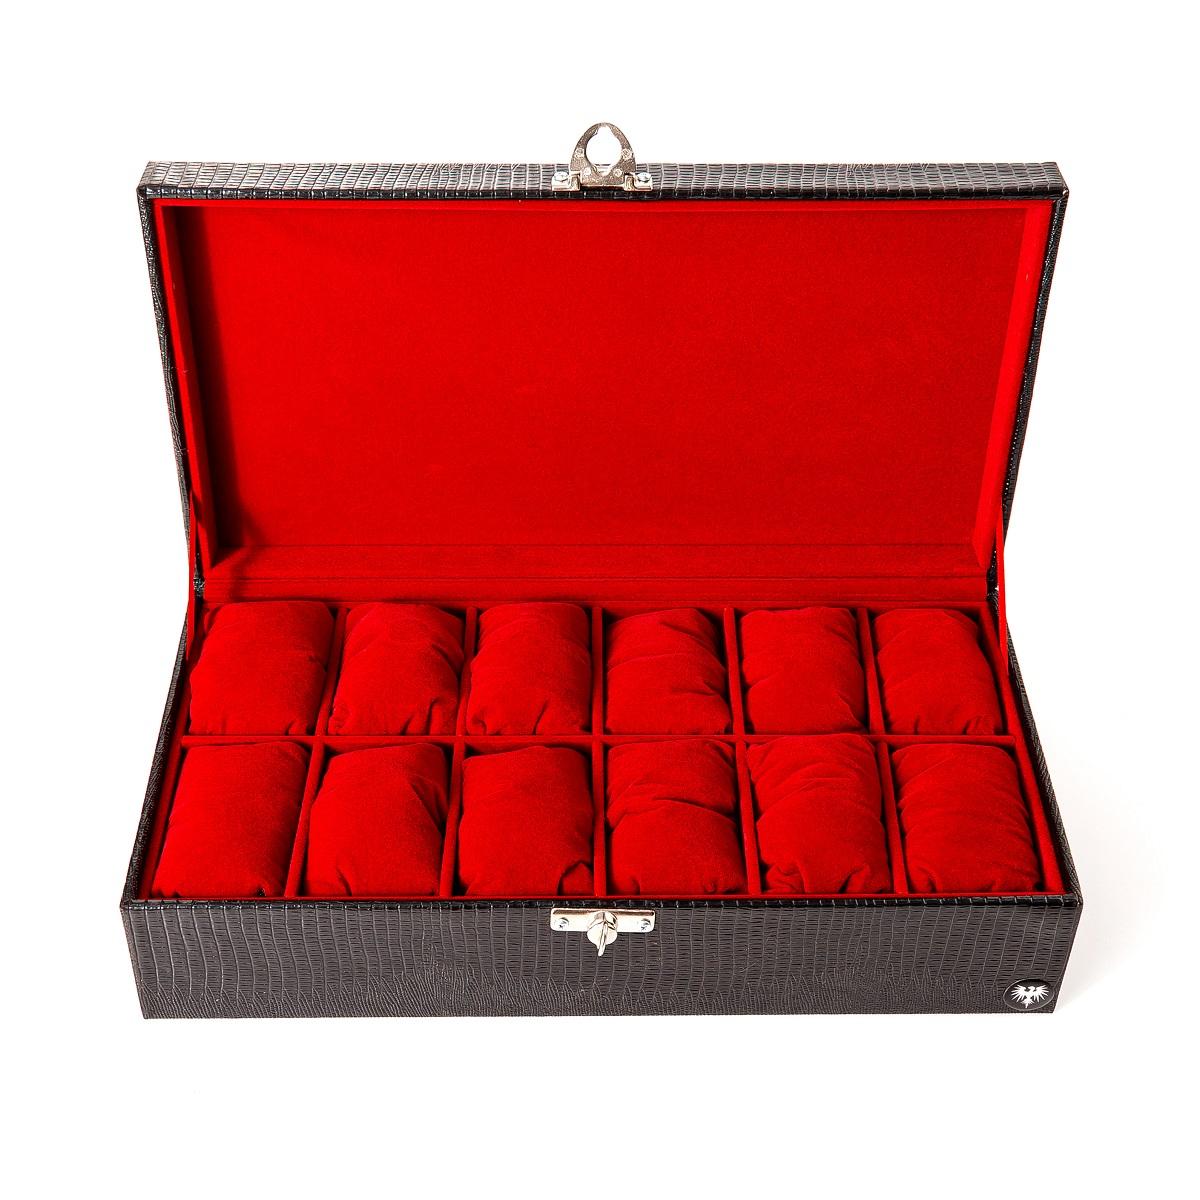 caixa-porta-relogio-12-nichos-couro-ecologico-preto-vermelho-imagem-3.jpg